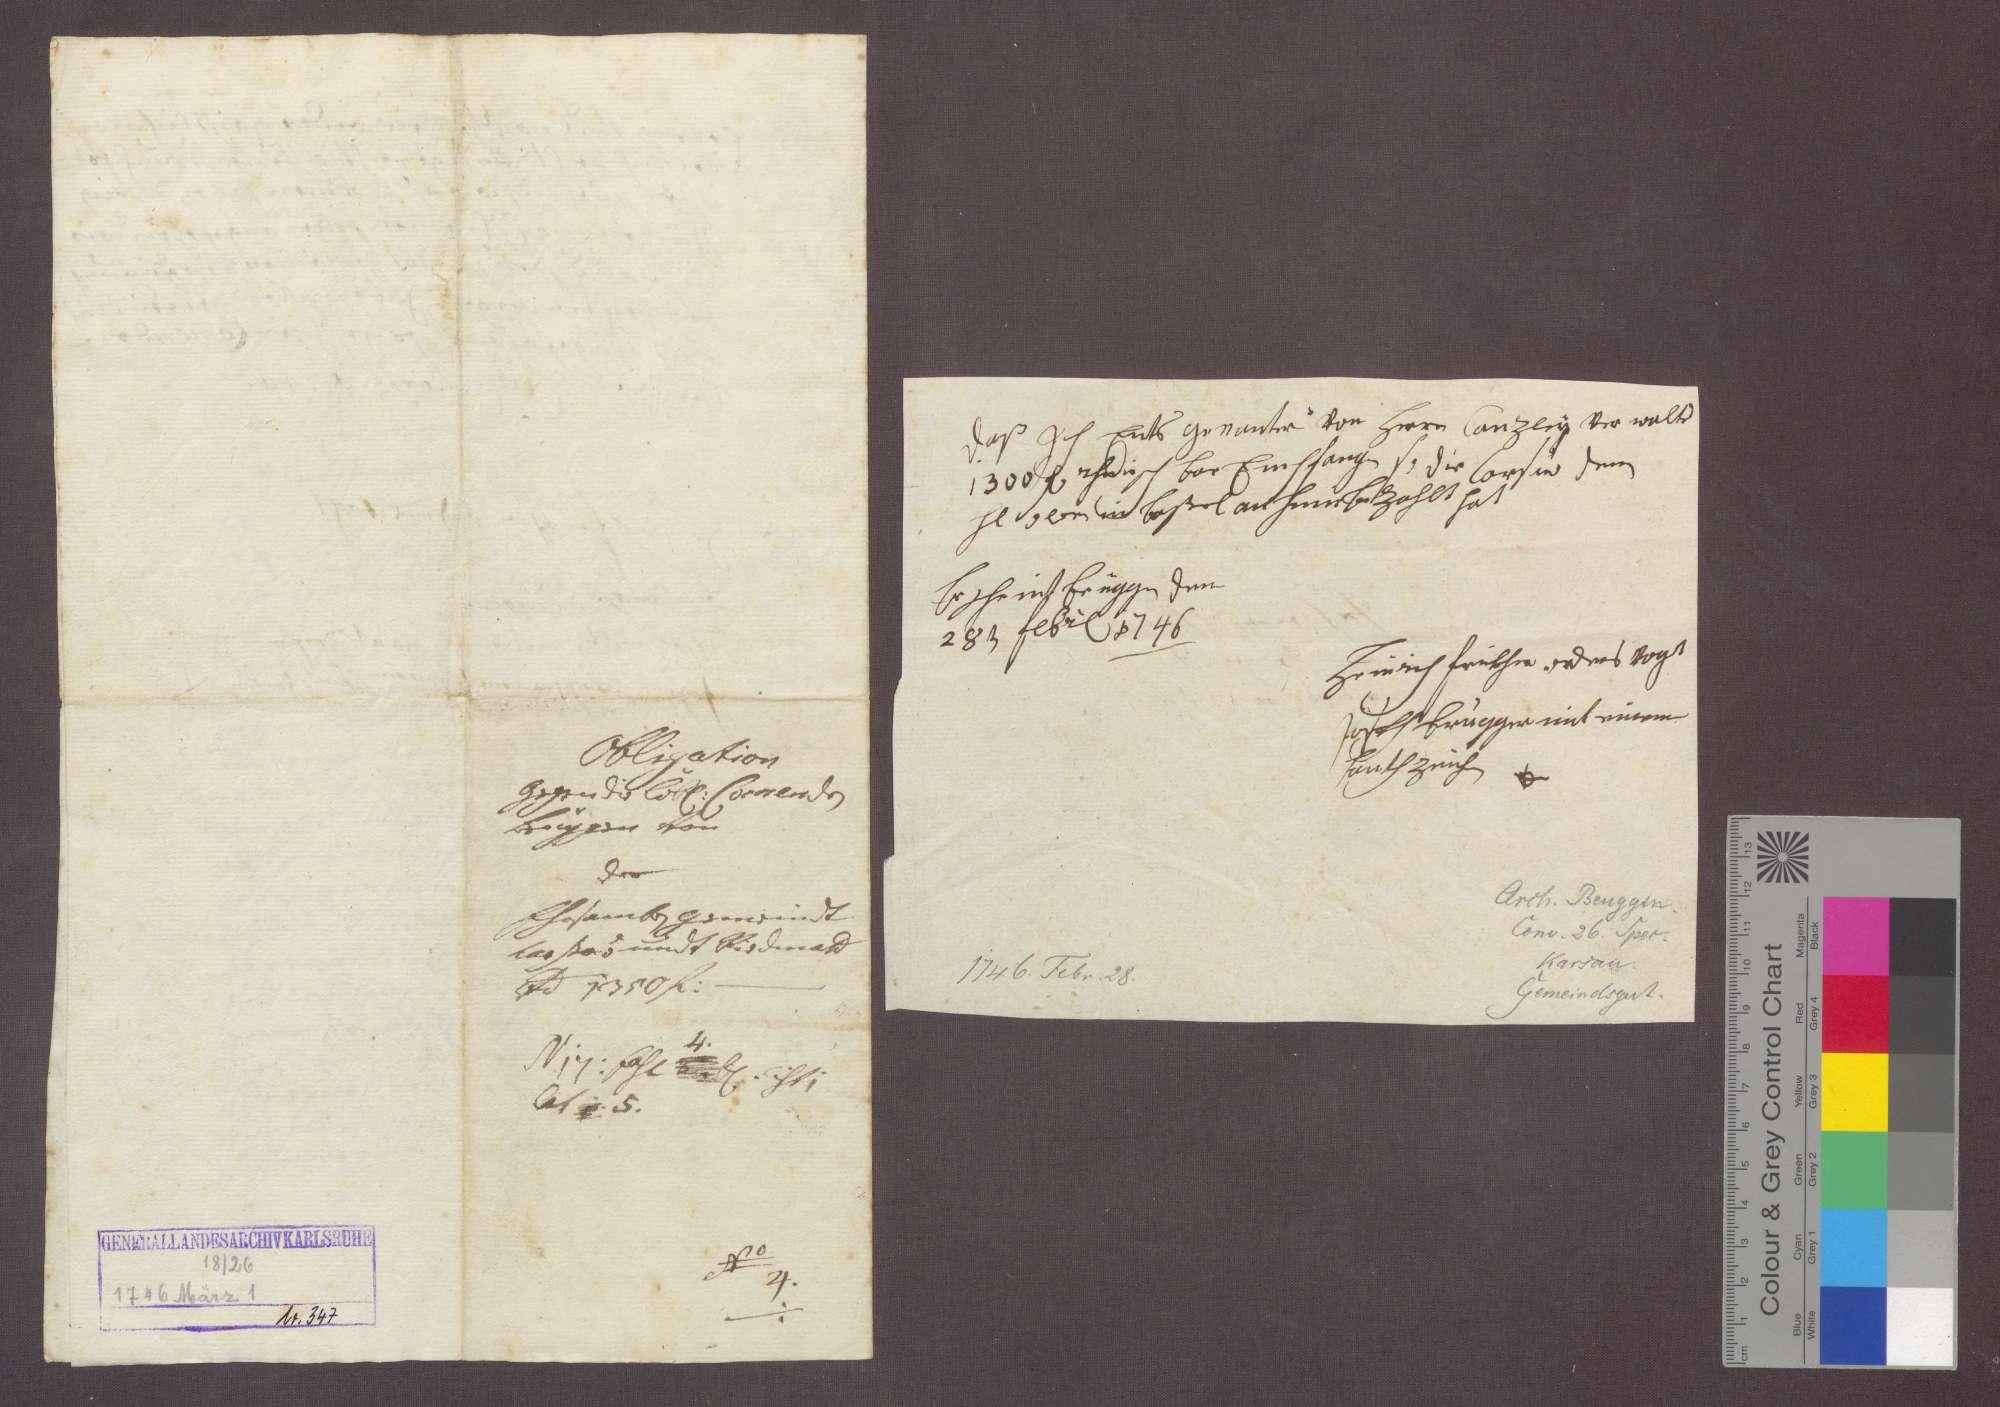 Die Gemeinden Karsau und Riedmatt quittieren der Kommende Beuggen den Empfang eines von Komtur Franz Karl von Schönau ihnen geliehenen, mit 5 Prozent verzinslichen Kapitals von 1300 Gulden., Bild 3